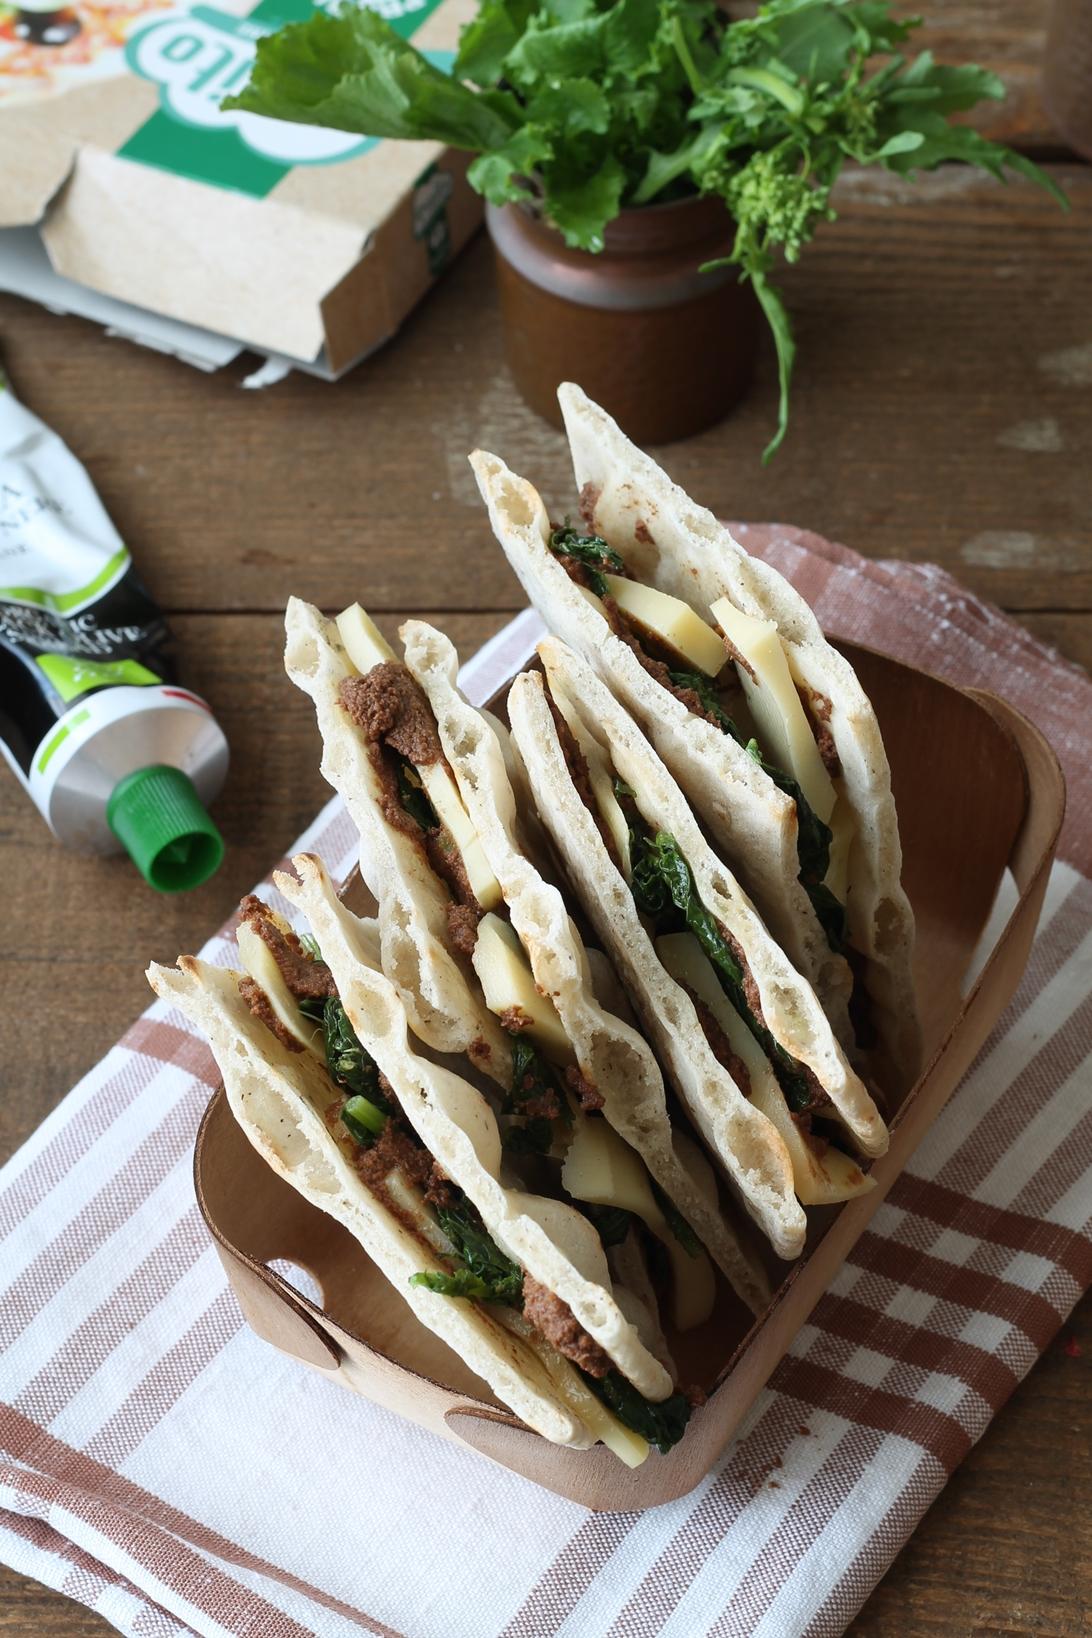 Sandwich di pizza senza glutine con cime di rapa - La Cassata Celiaca